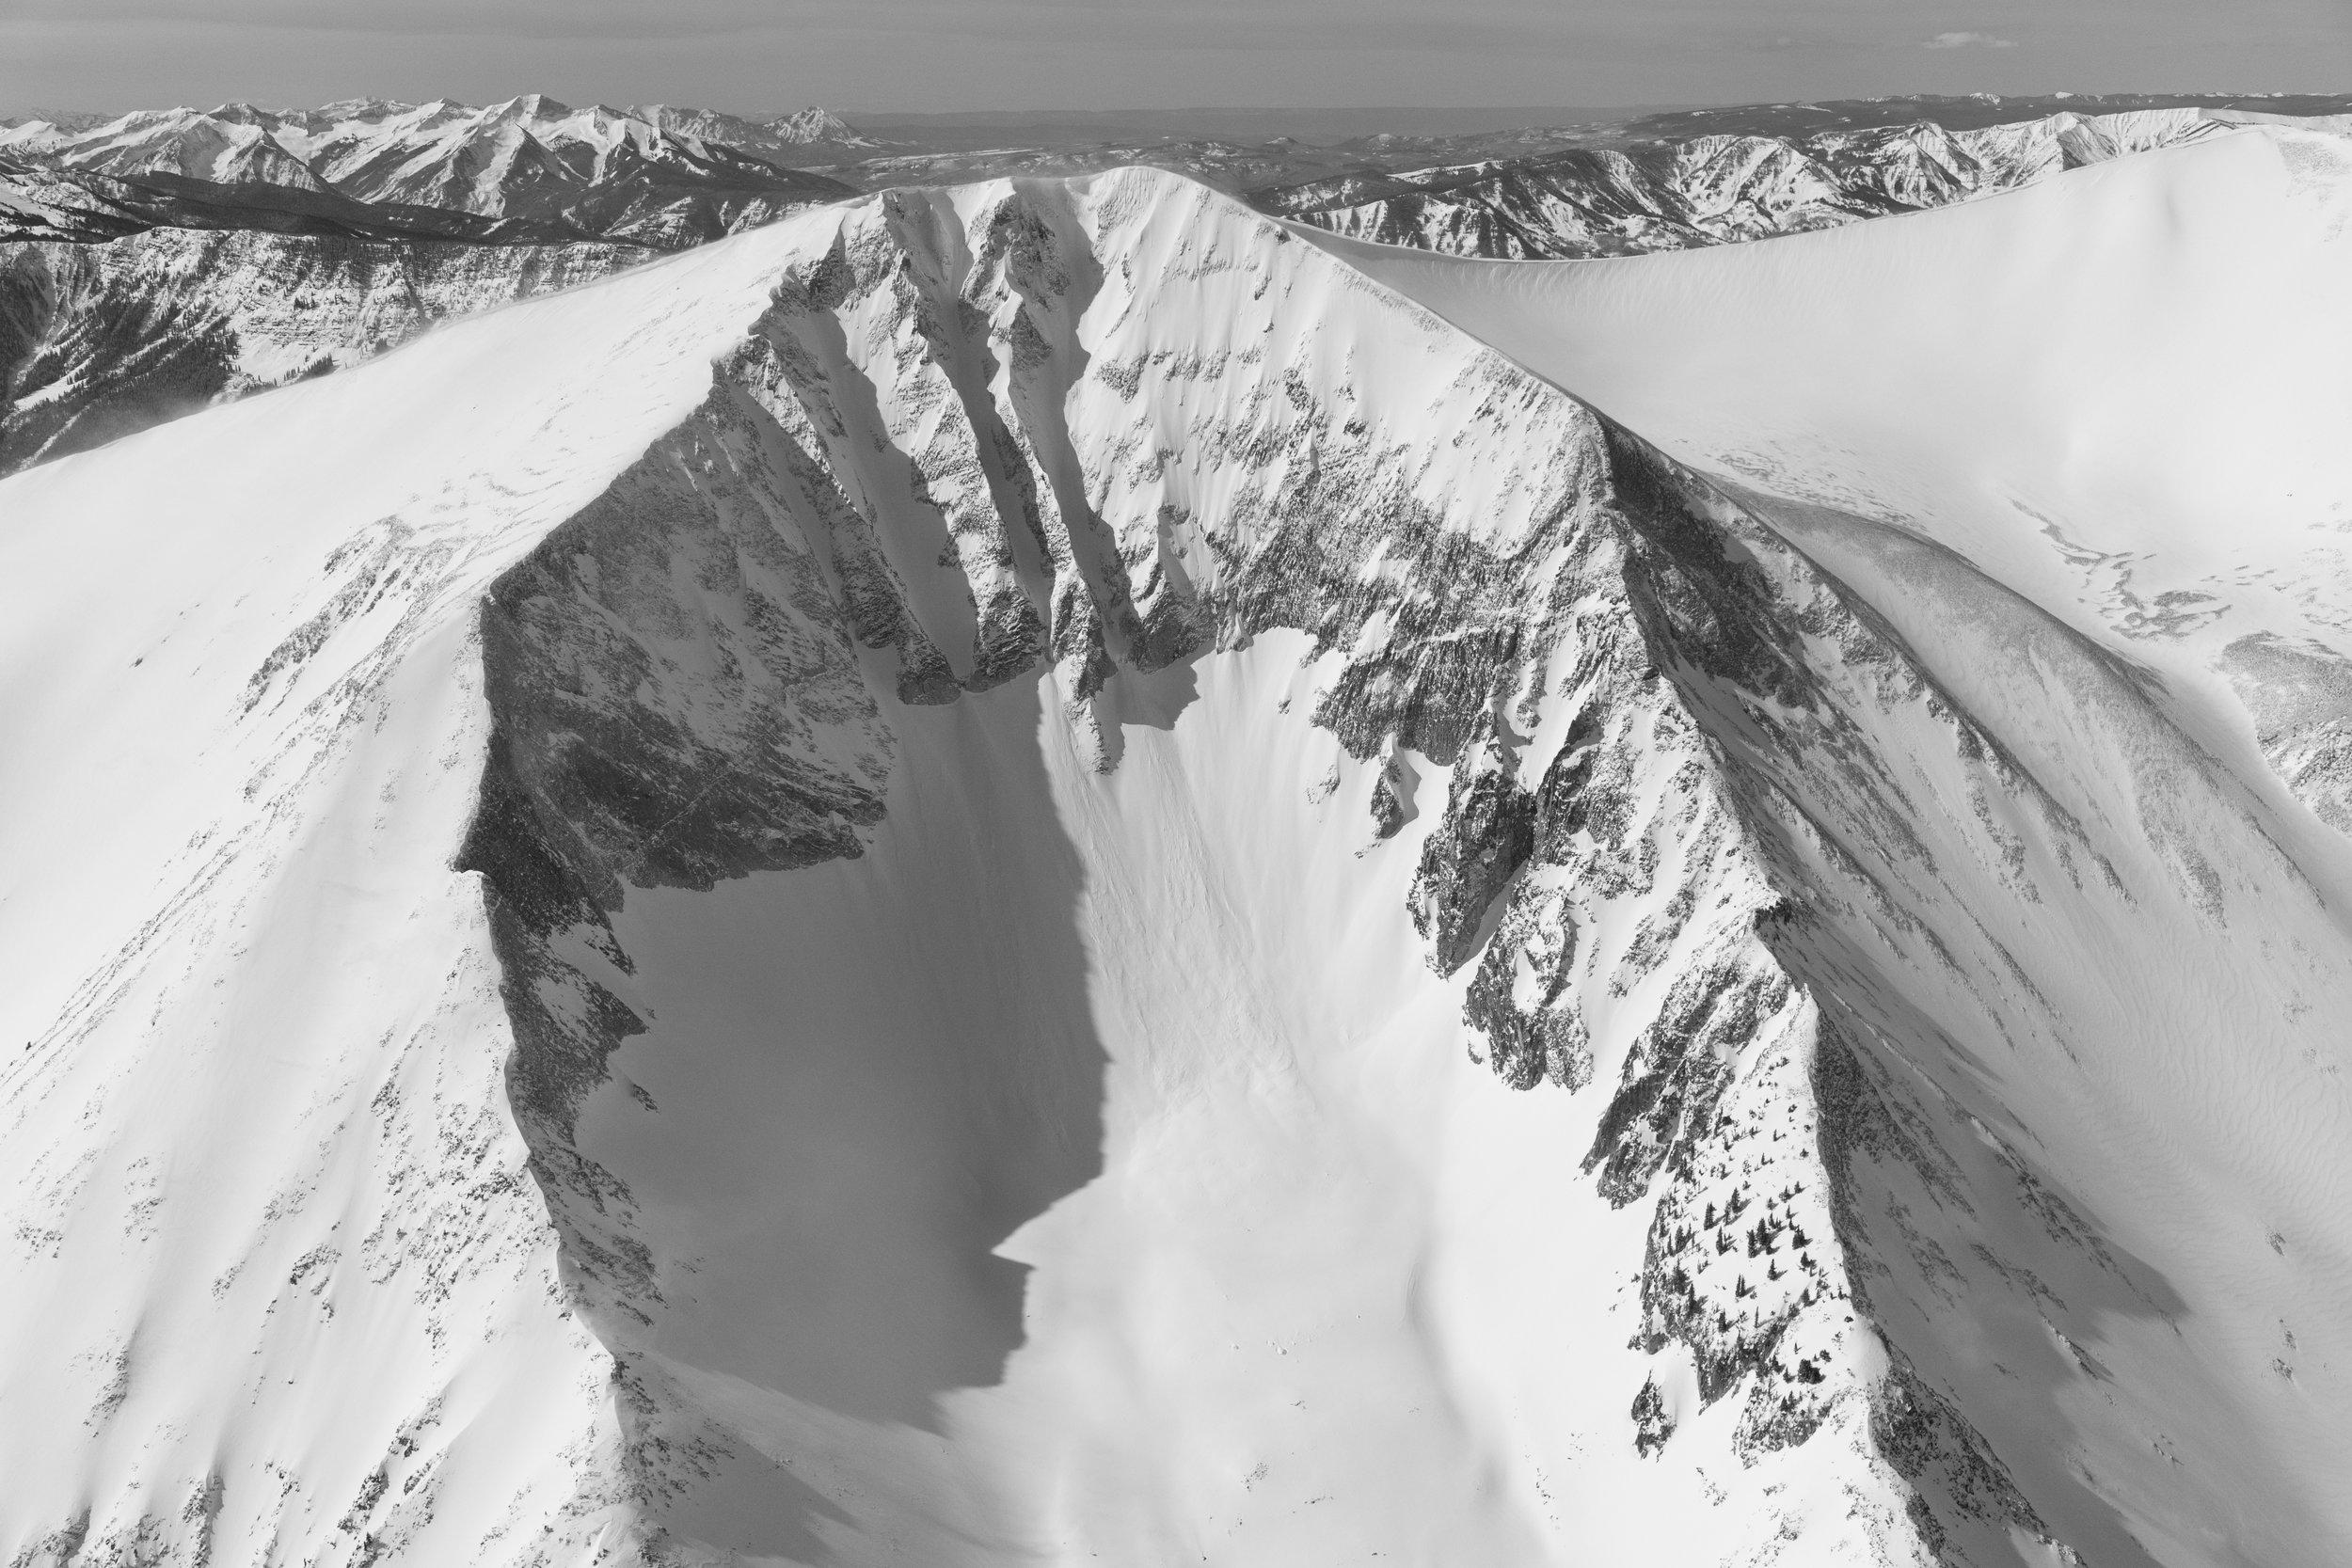 East Peak #1, Mt. Sopris